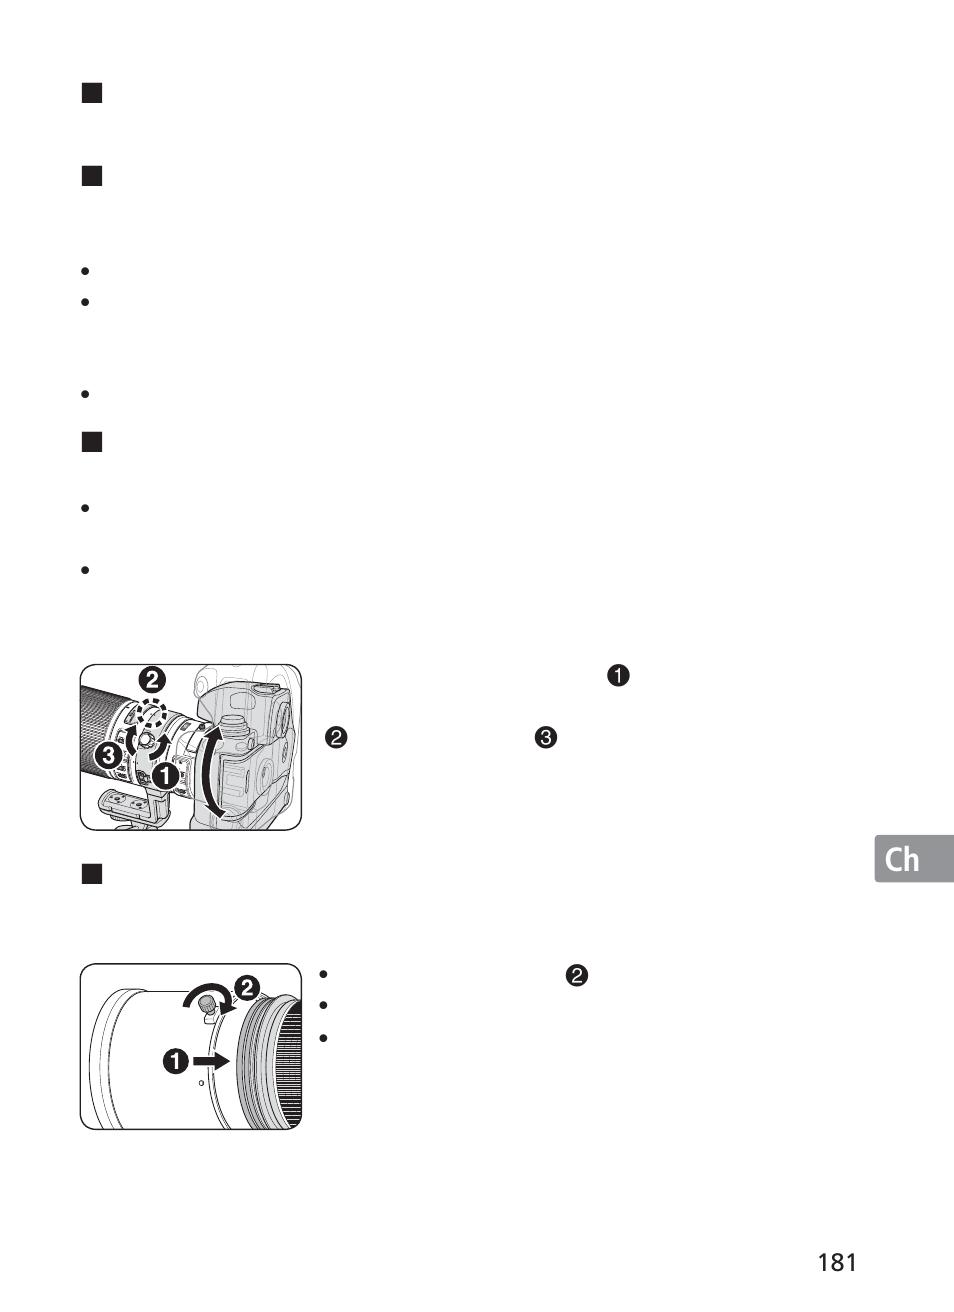 Jp en de fr es se ru nl it ck ch kr | Nikon 200-400mm f 4G ED AF-S VR II Zoom-Nikkor User Manual | Page 181 / 212